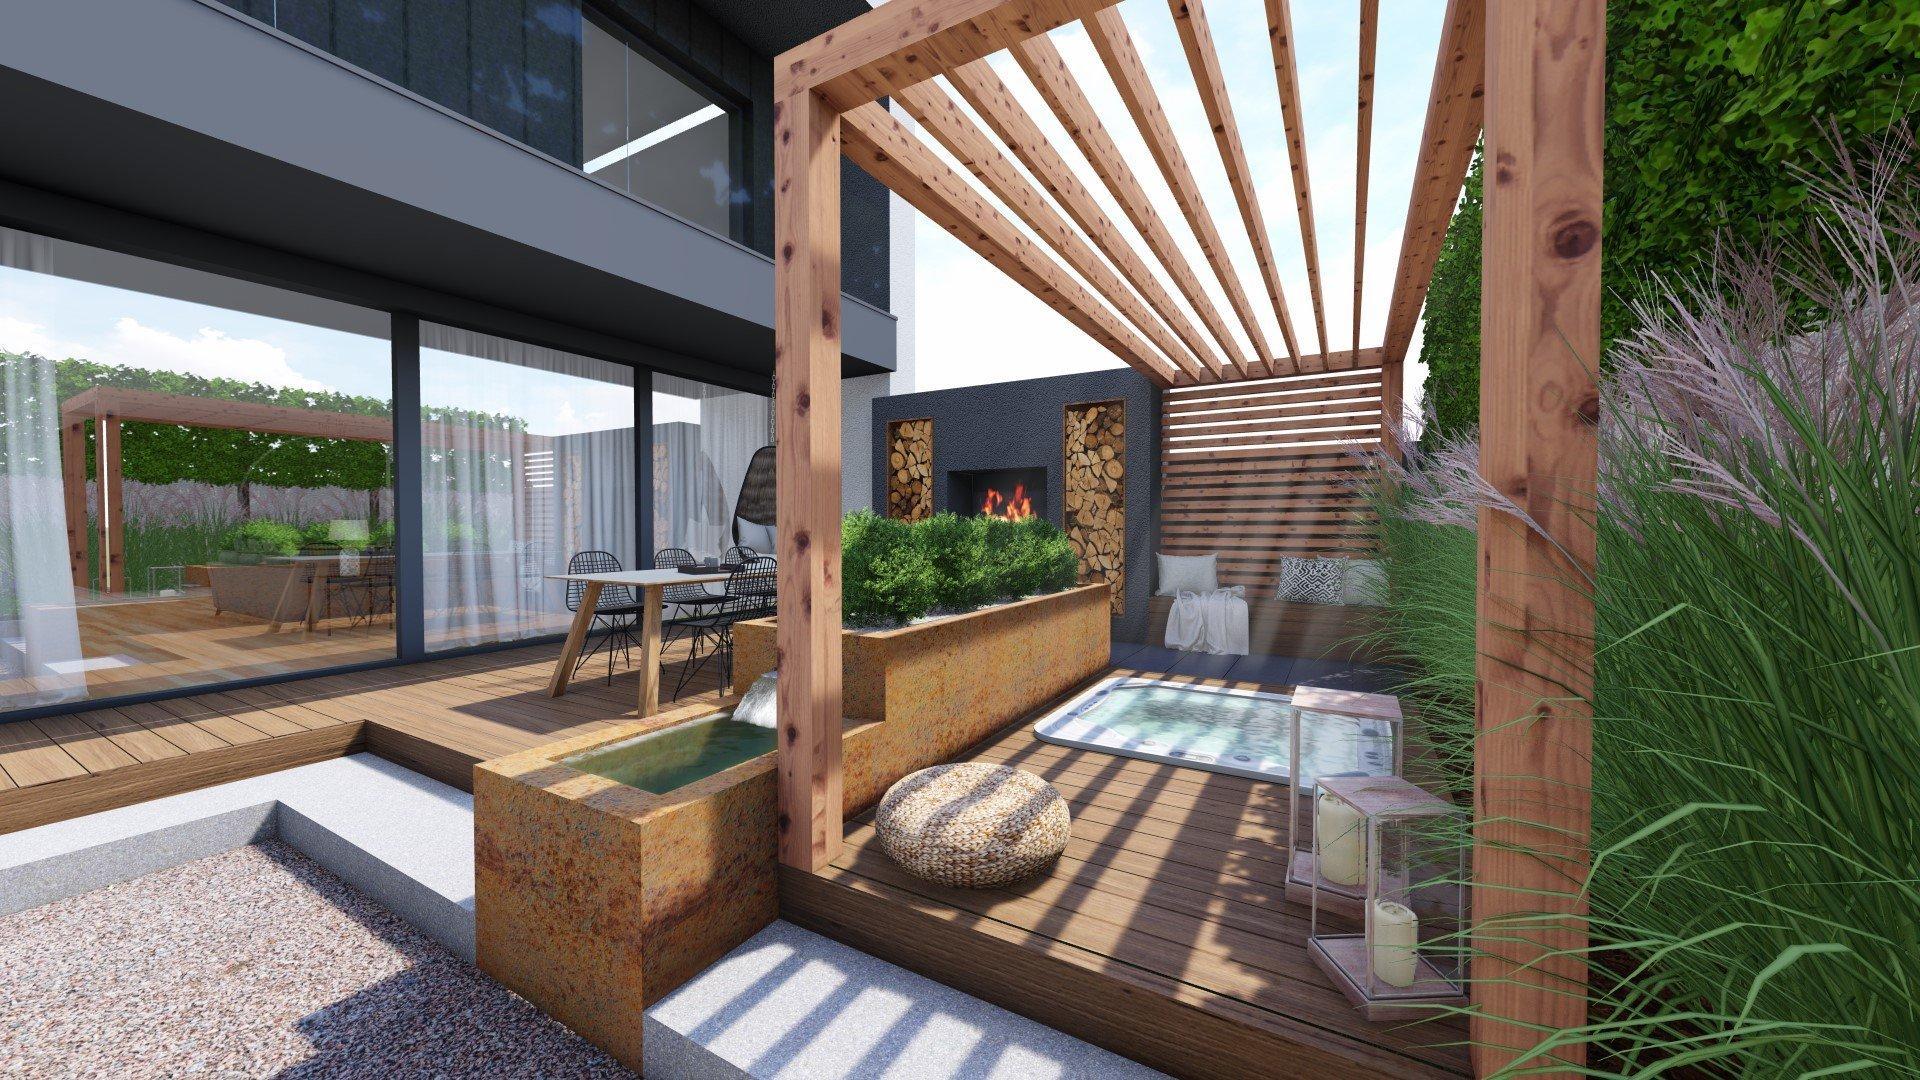 Zahrada má být prostorem pro relaxaci, zábavu a místem setkávání s přáteli nebo rodinou. Z tohoto důvodu byl celek rozdělen do několika zón, díky nimž má i tak…